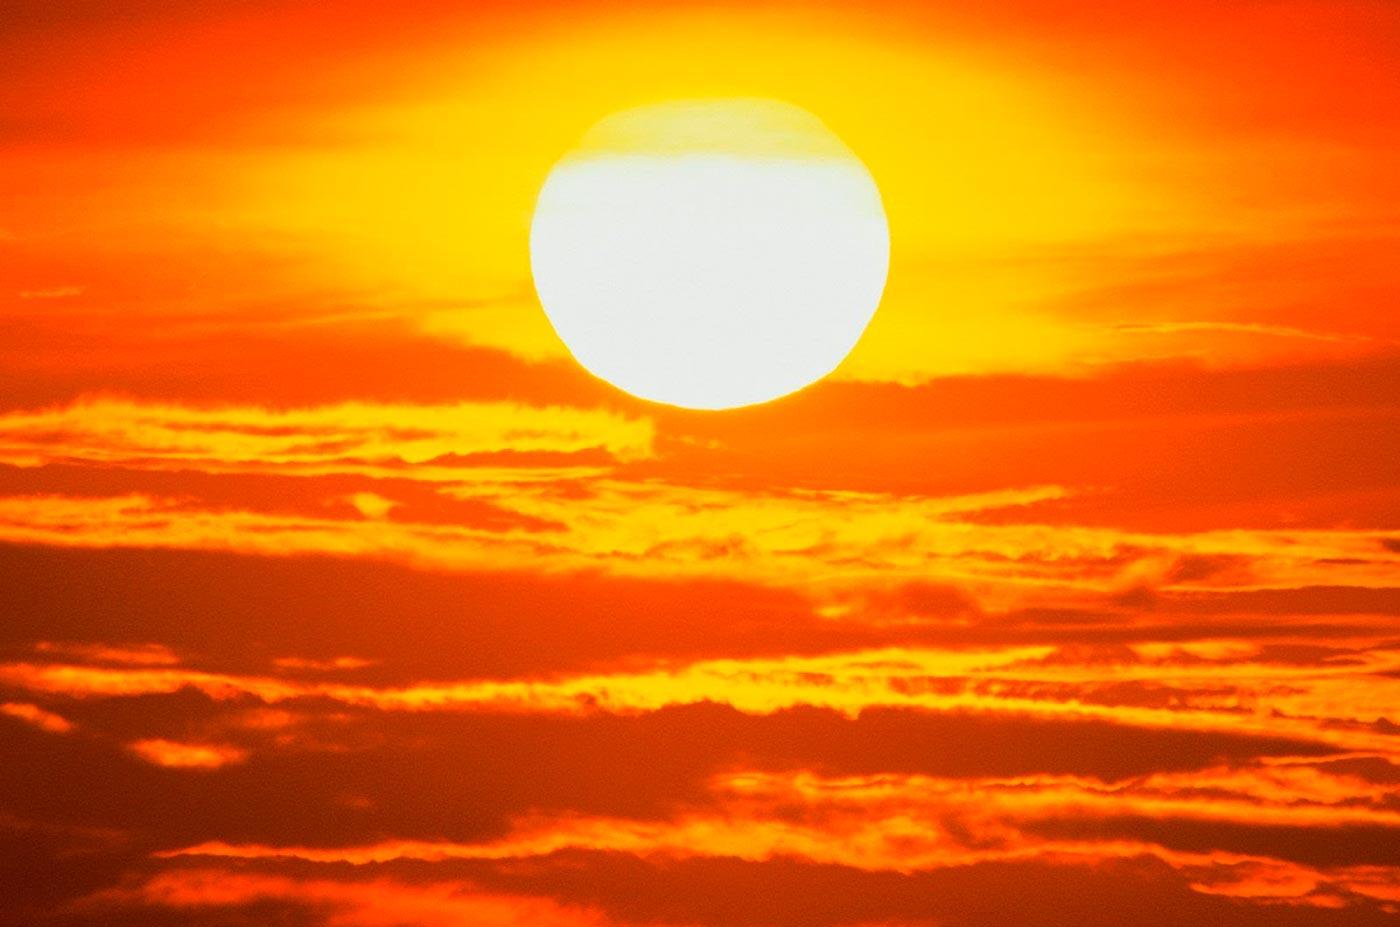 В ближайшие дни в Узбекистане будет 35-40° тепла